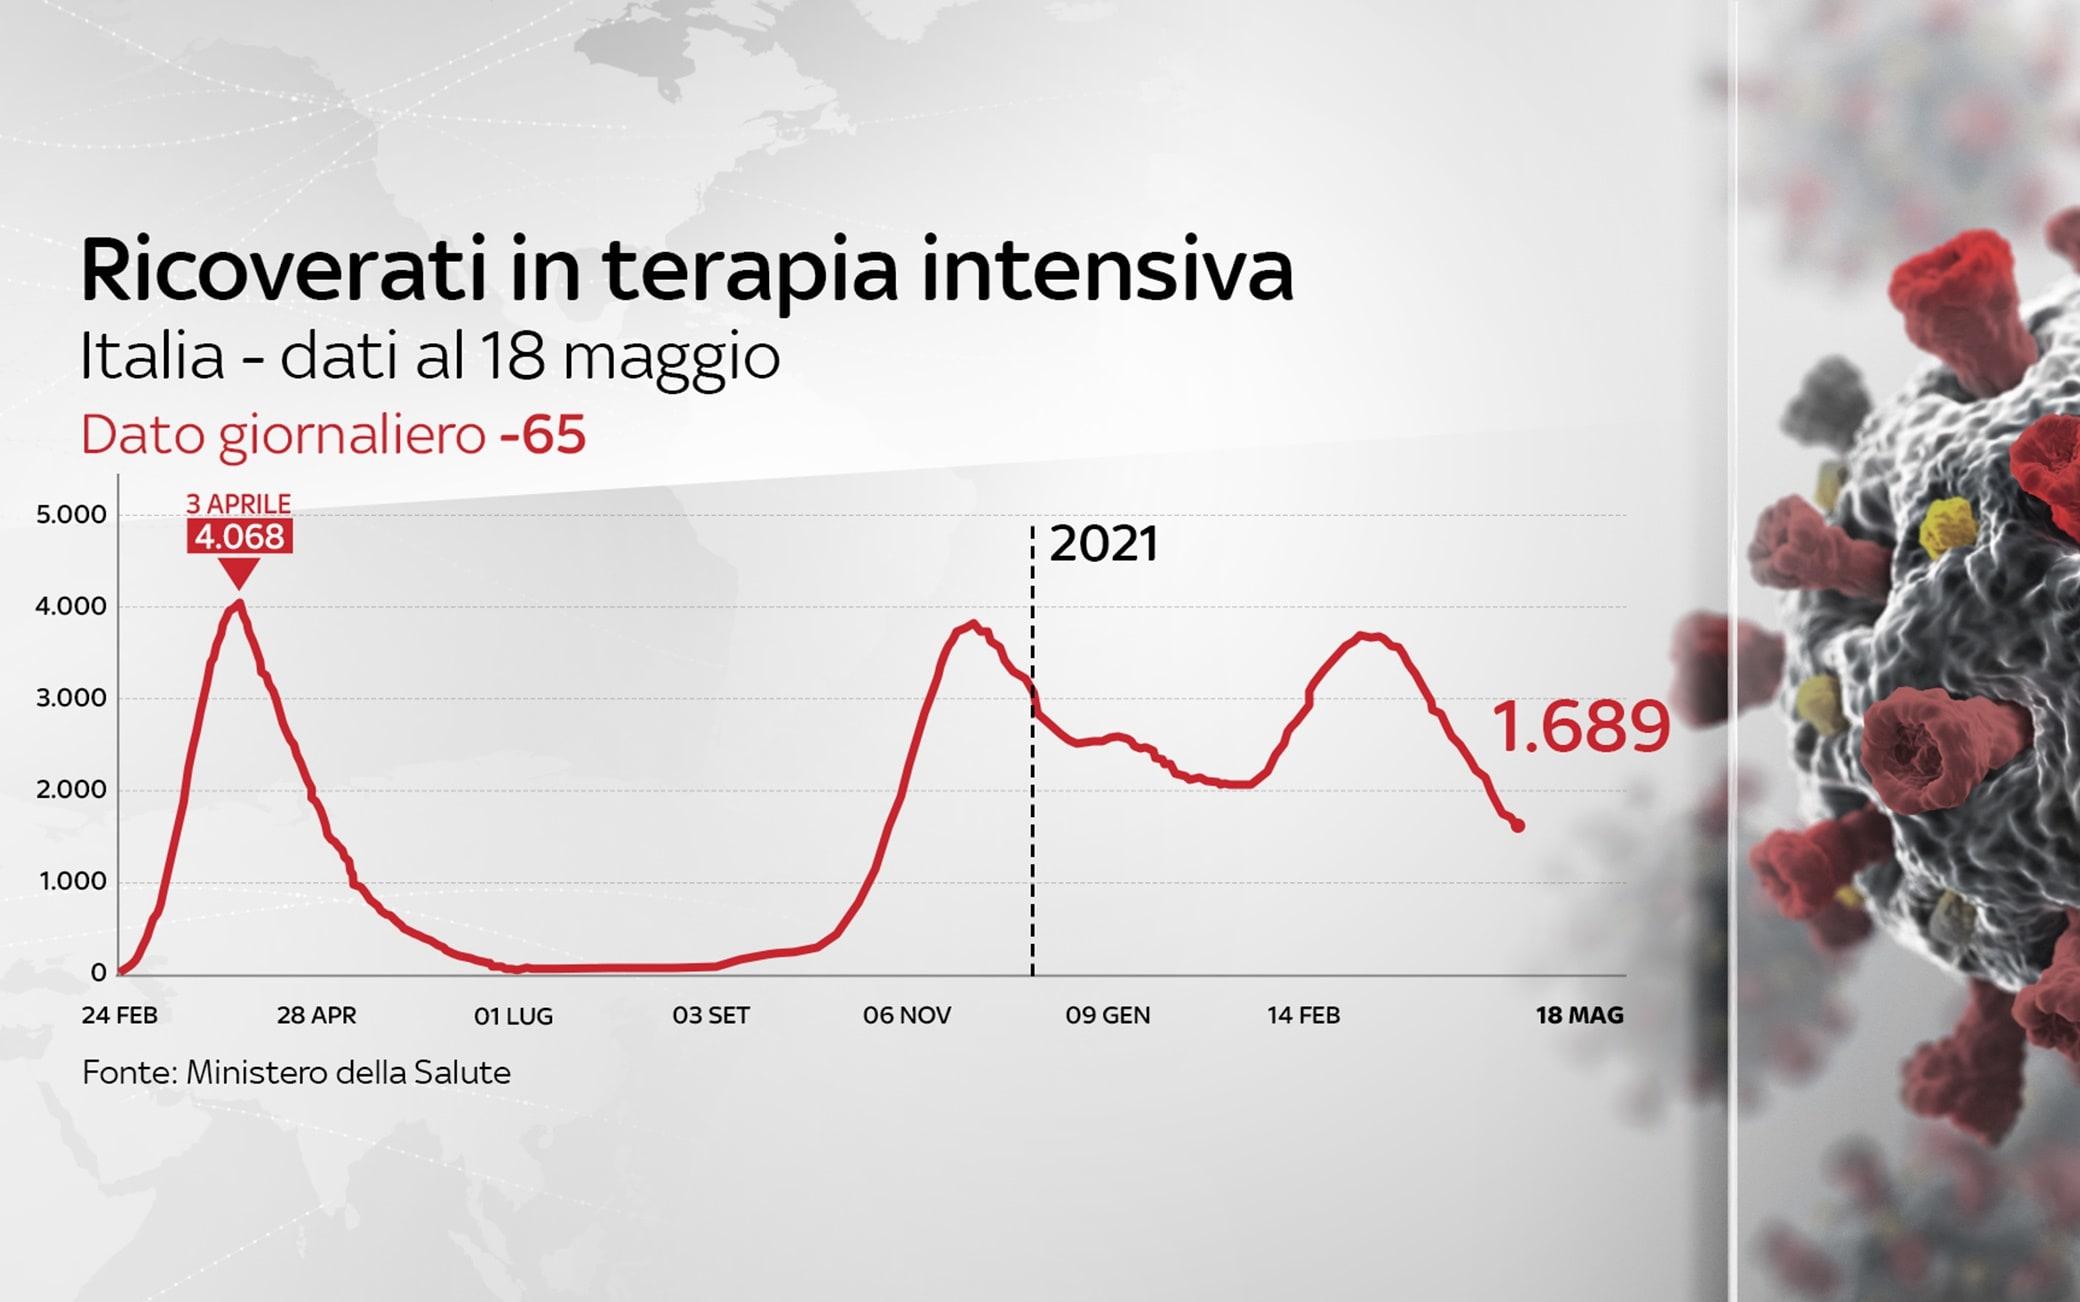 Grafiche coronavirus: i ricoverati in terapia intensiva sono 1.689